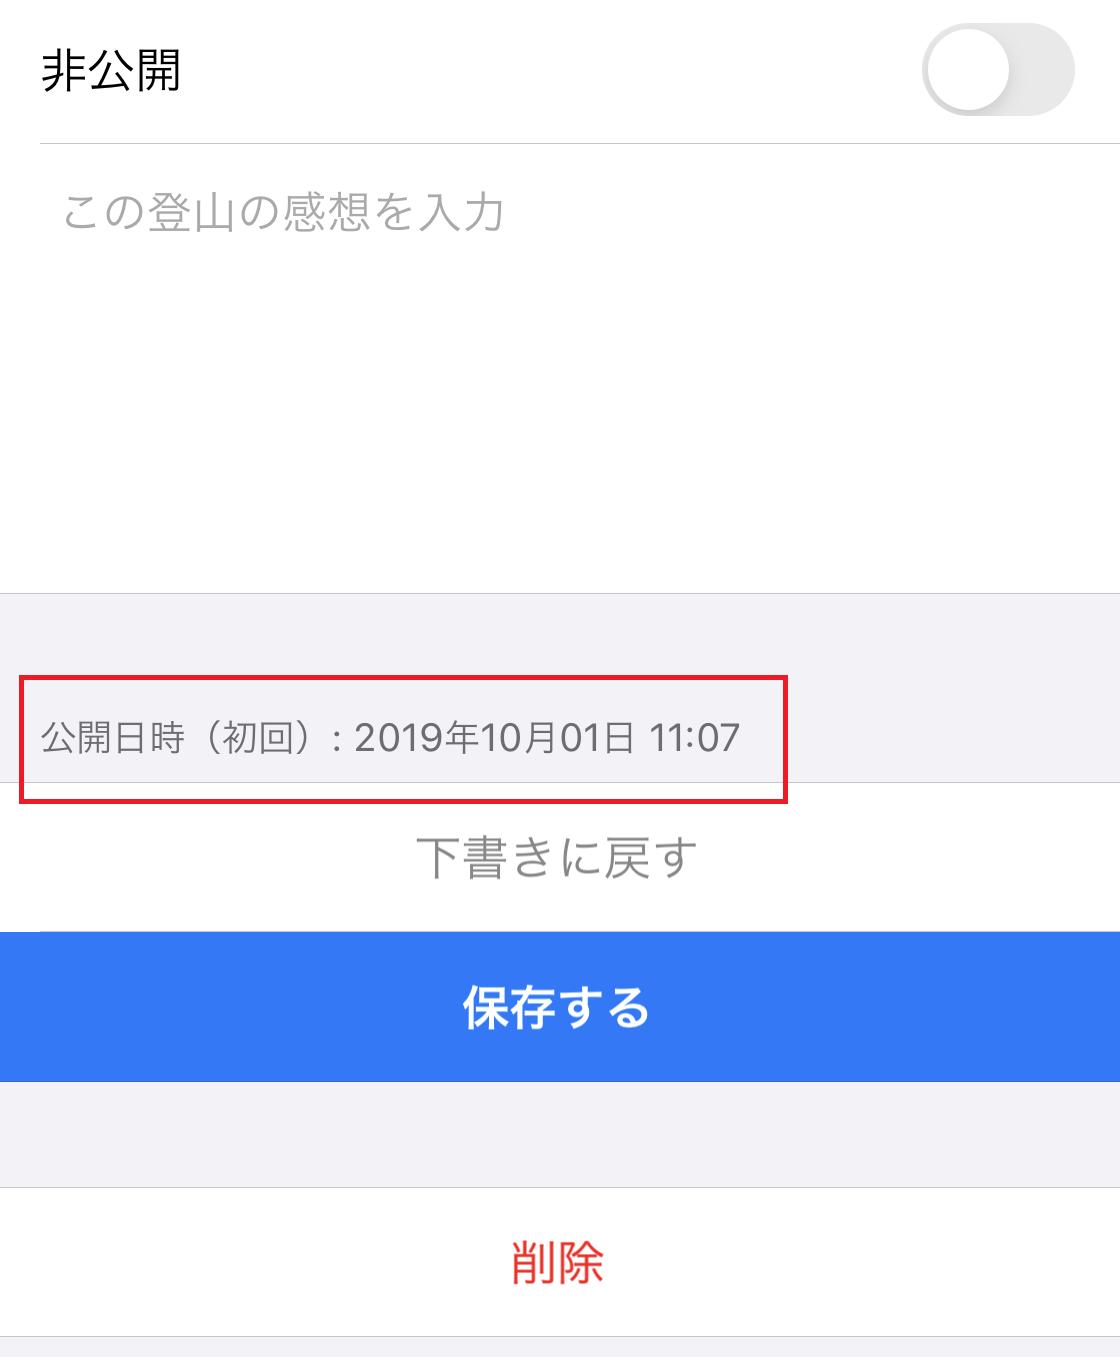 公開日時-iOS